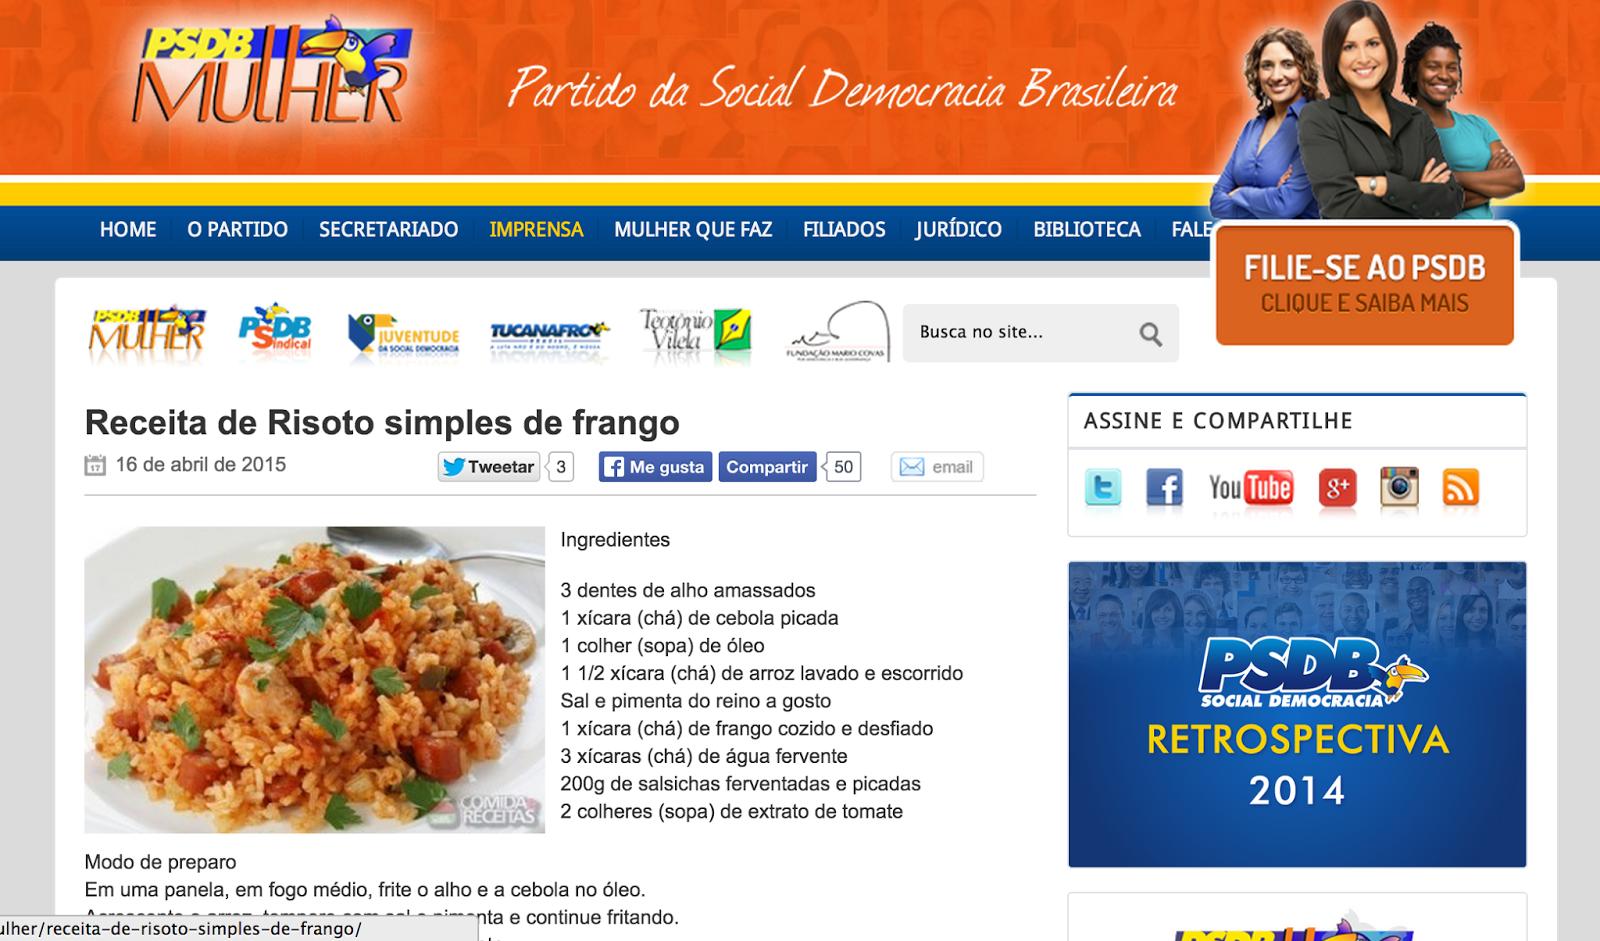 Página do site do PSDB para mulheres ensina culinária; minha amiga aprendeu a fazer coxinha lá